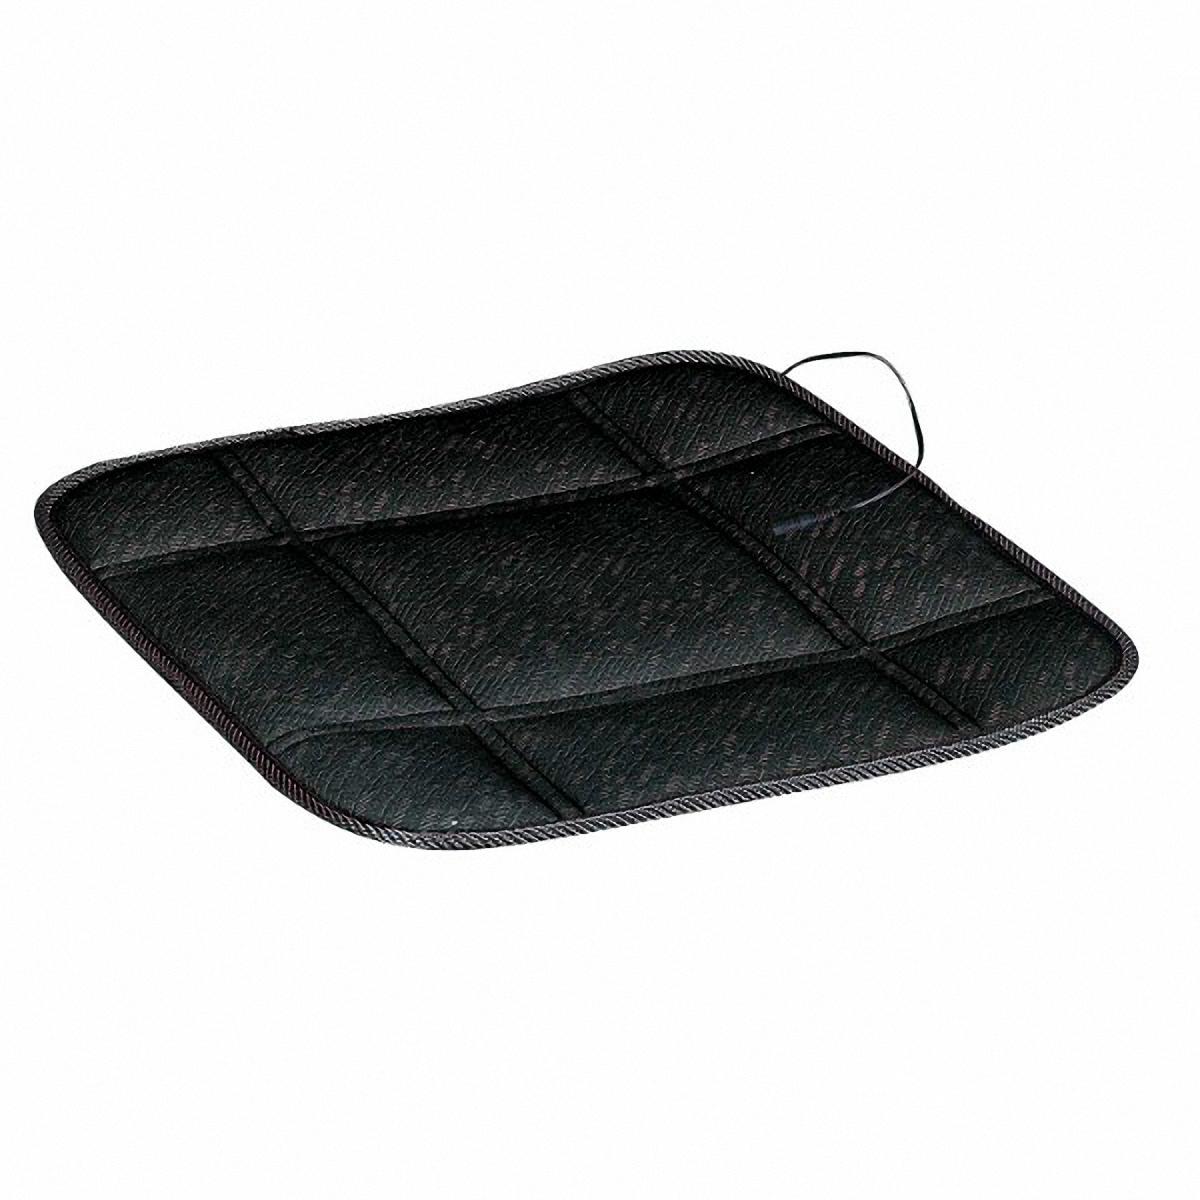 Подогрев для сиденья Skyway, без спинки, цвет: черный, 43 х 43 смS01303009В подогреве для сиденья Skyway в качестве теплоносителя применяется углеродный материал. Такой нагреватель обладает феноменальнойгибкостью и прочностью на разрыв в отличие от аналогов, изготовленных из медного или иного металлического провода. Особенности: - Универсальный размер. - Снижает усталость при управлении автомобилем. - Обеспечивает комфортное вождение в холодное время года. - Простая и быстрая установка. - Быстрый и интенсивный режим нагрева. - Защита крепления шнура питания к подогреву. Устройство подключается к прикуривателю на 12В Сила тока: 2,5-3 А. Напряжение: 12В.